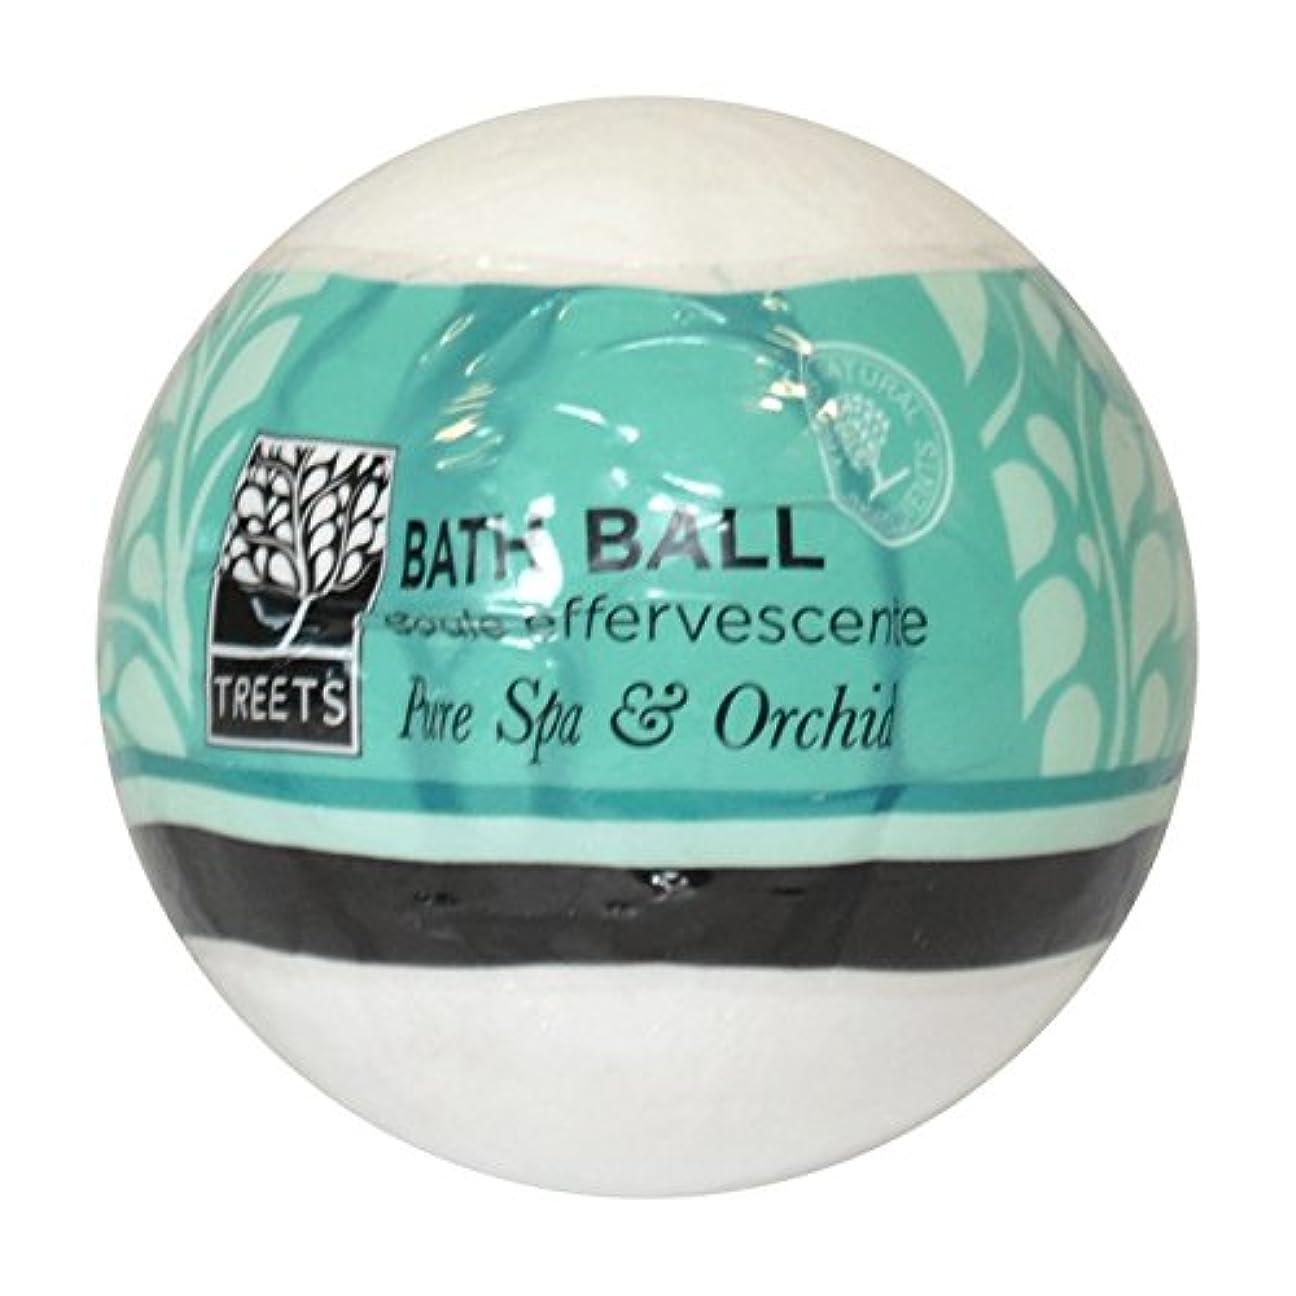 地域のインキュバスレクリエーションTreets蘭&純粋なスパバスボール - Treets Orchid & Pure Spa Bath Ball (Treets) [並行輸入品]